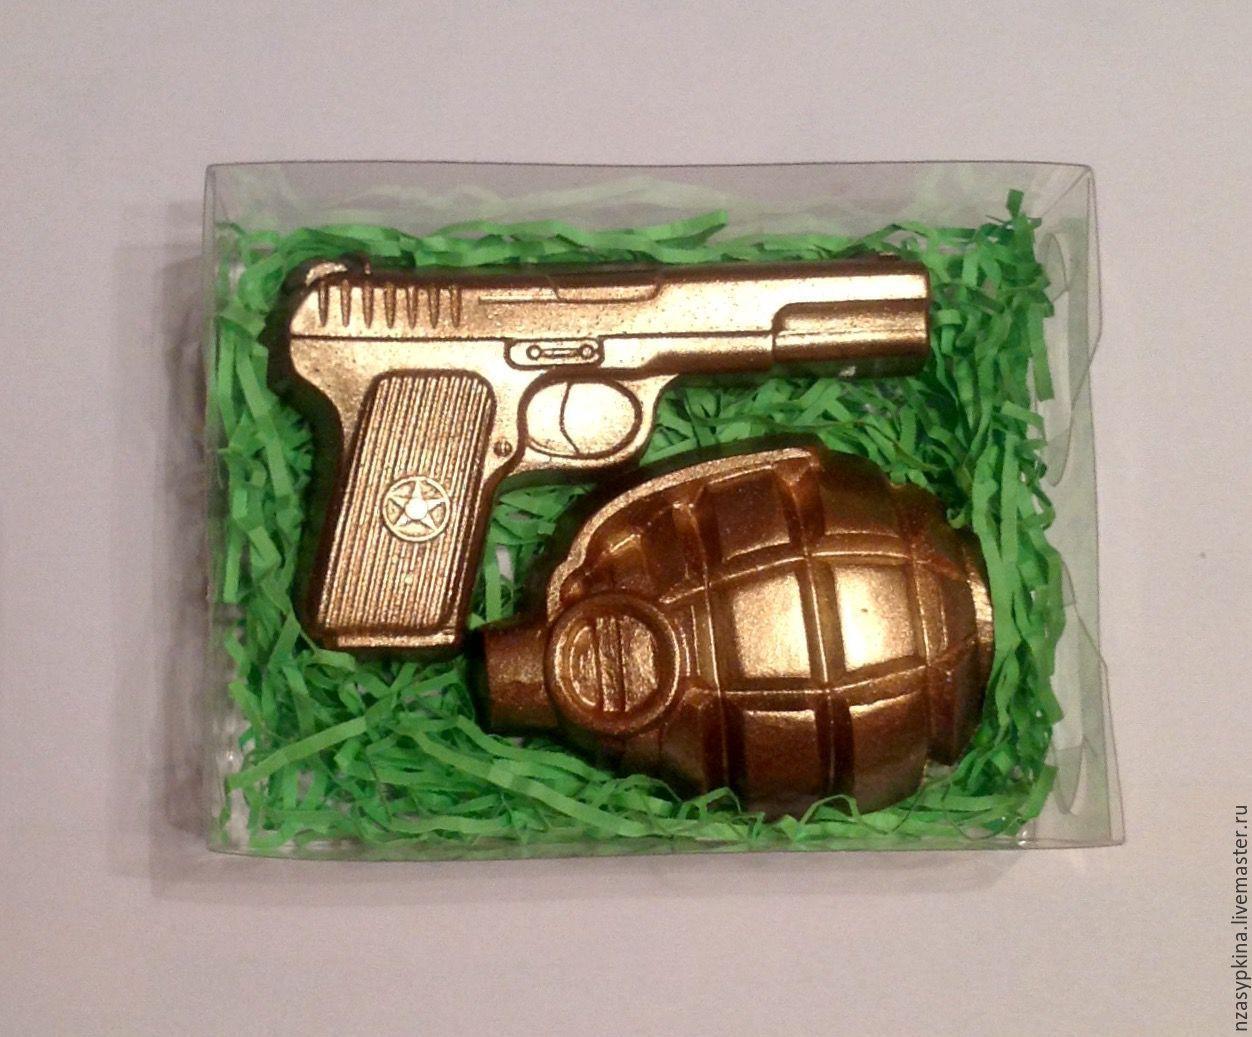 """Мыло ручной работы. Ярмарка Мастеров - ручная работа. Купить Подарочный набор мыла """"Пистолет и граната"""" - готовый подарок мужчине. Handmade."""